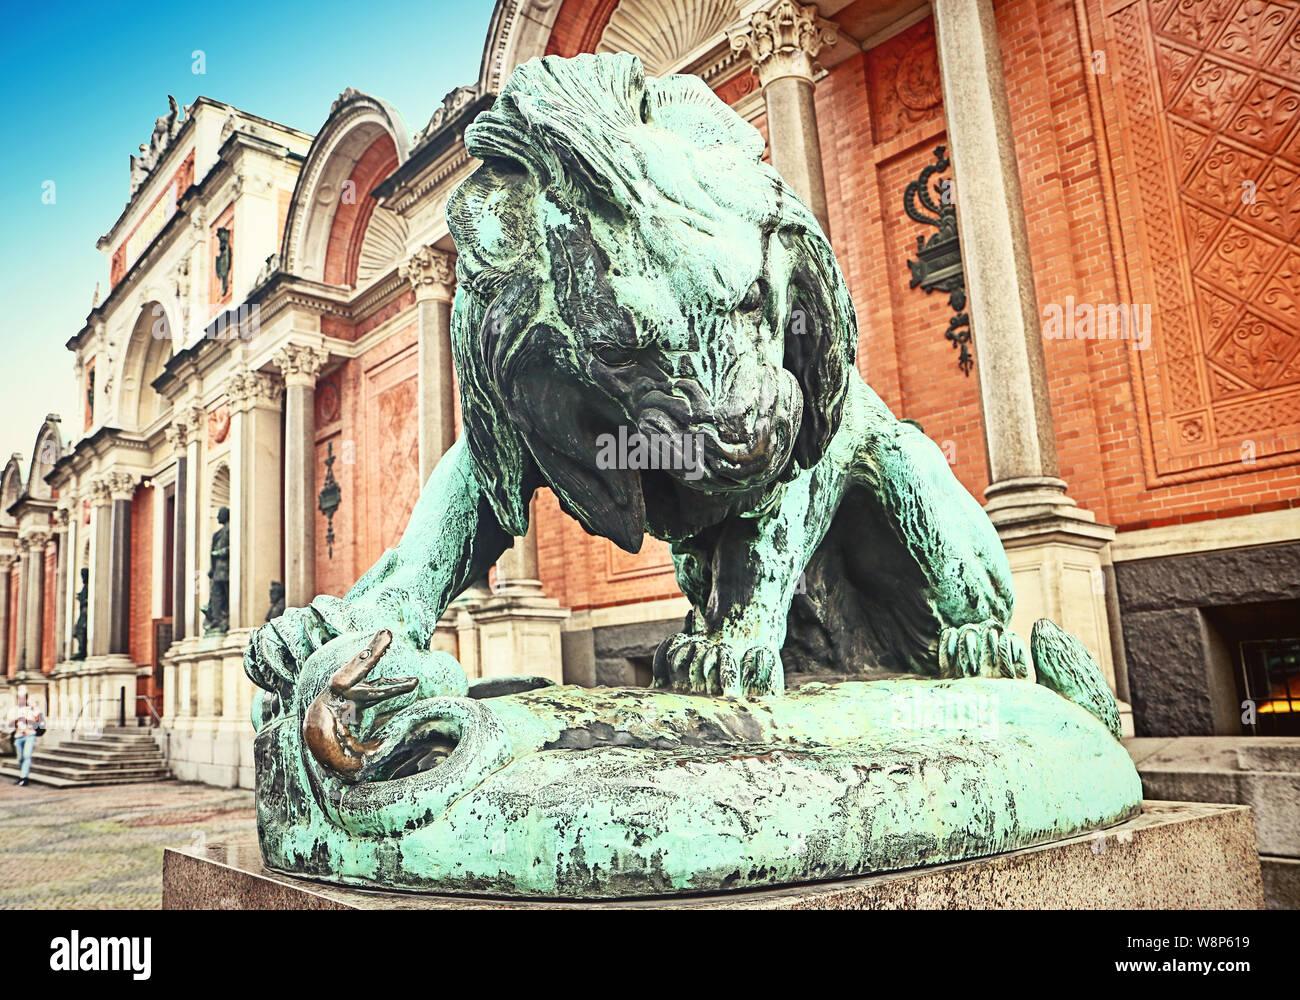 Statue en bronze d'un lion luttant contre un serpent (1832) en face de Ny Carlsberg Glyptotek à Copenhague, Danemark Banque D'Images